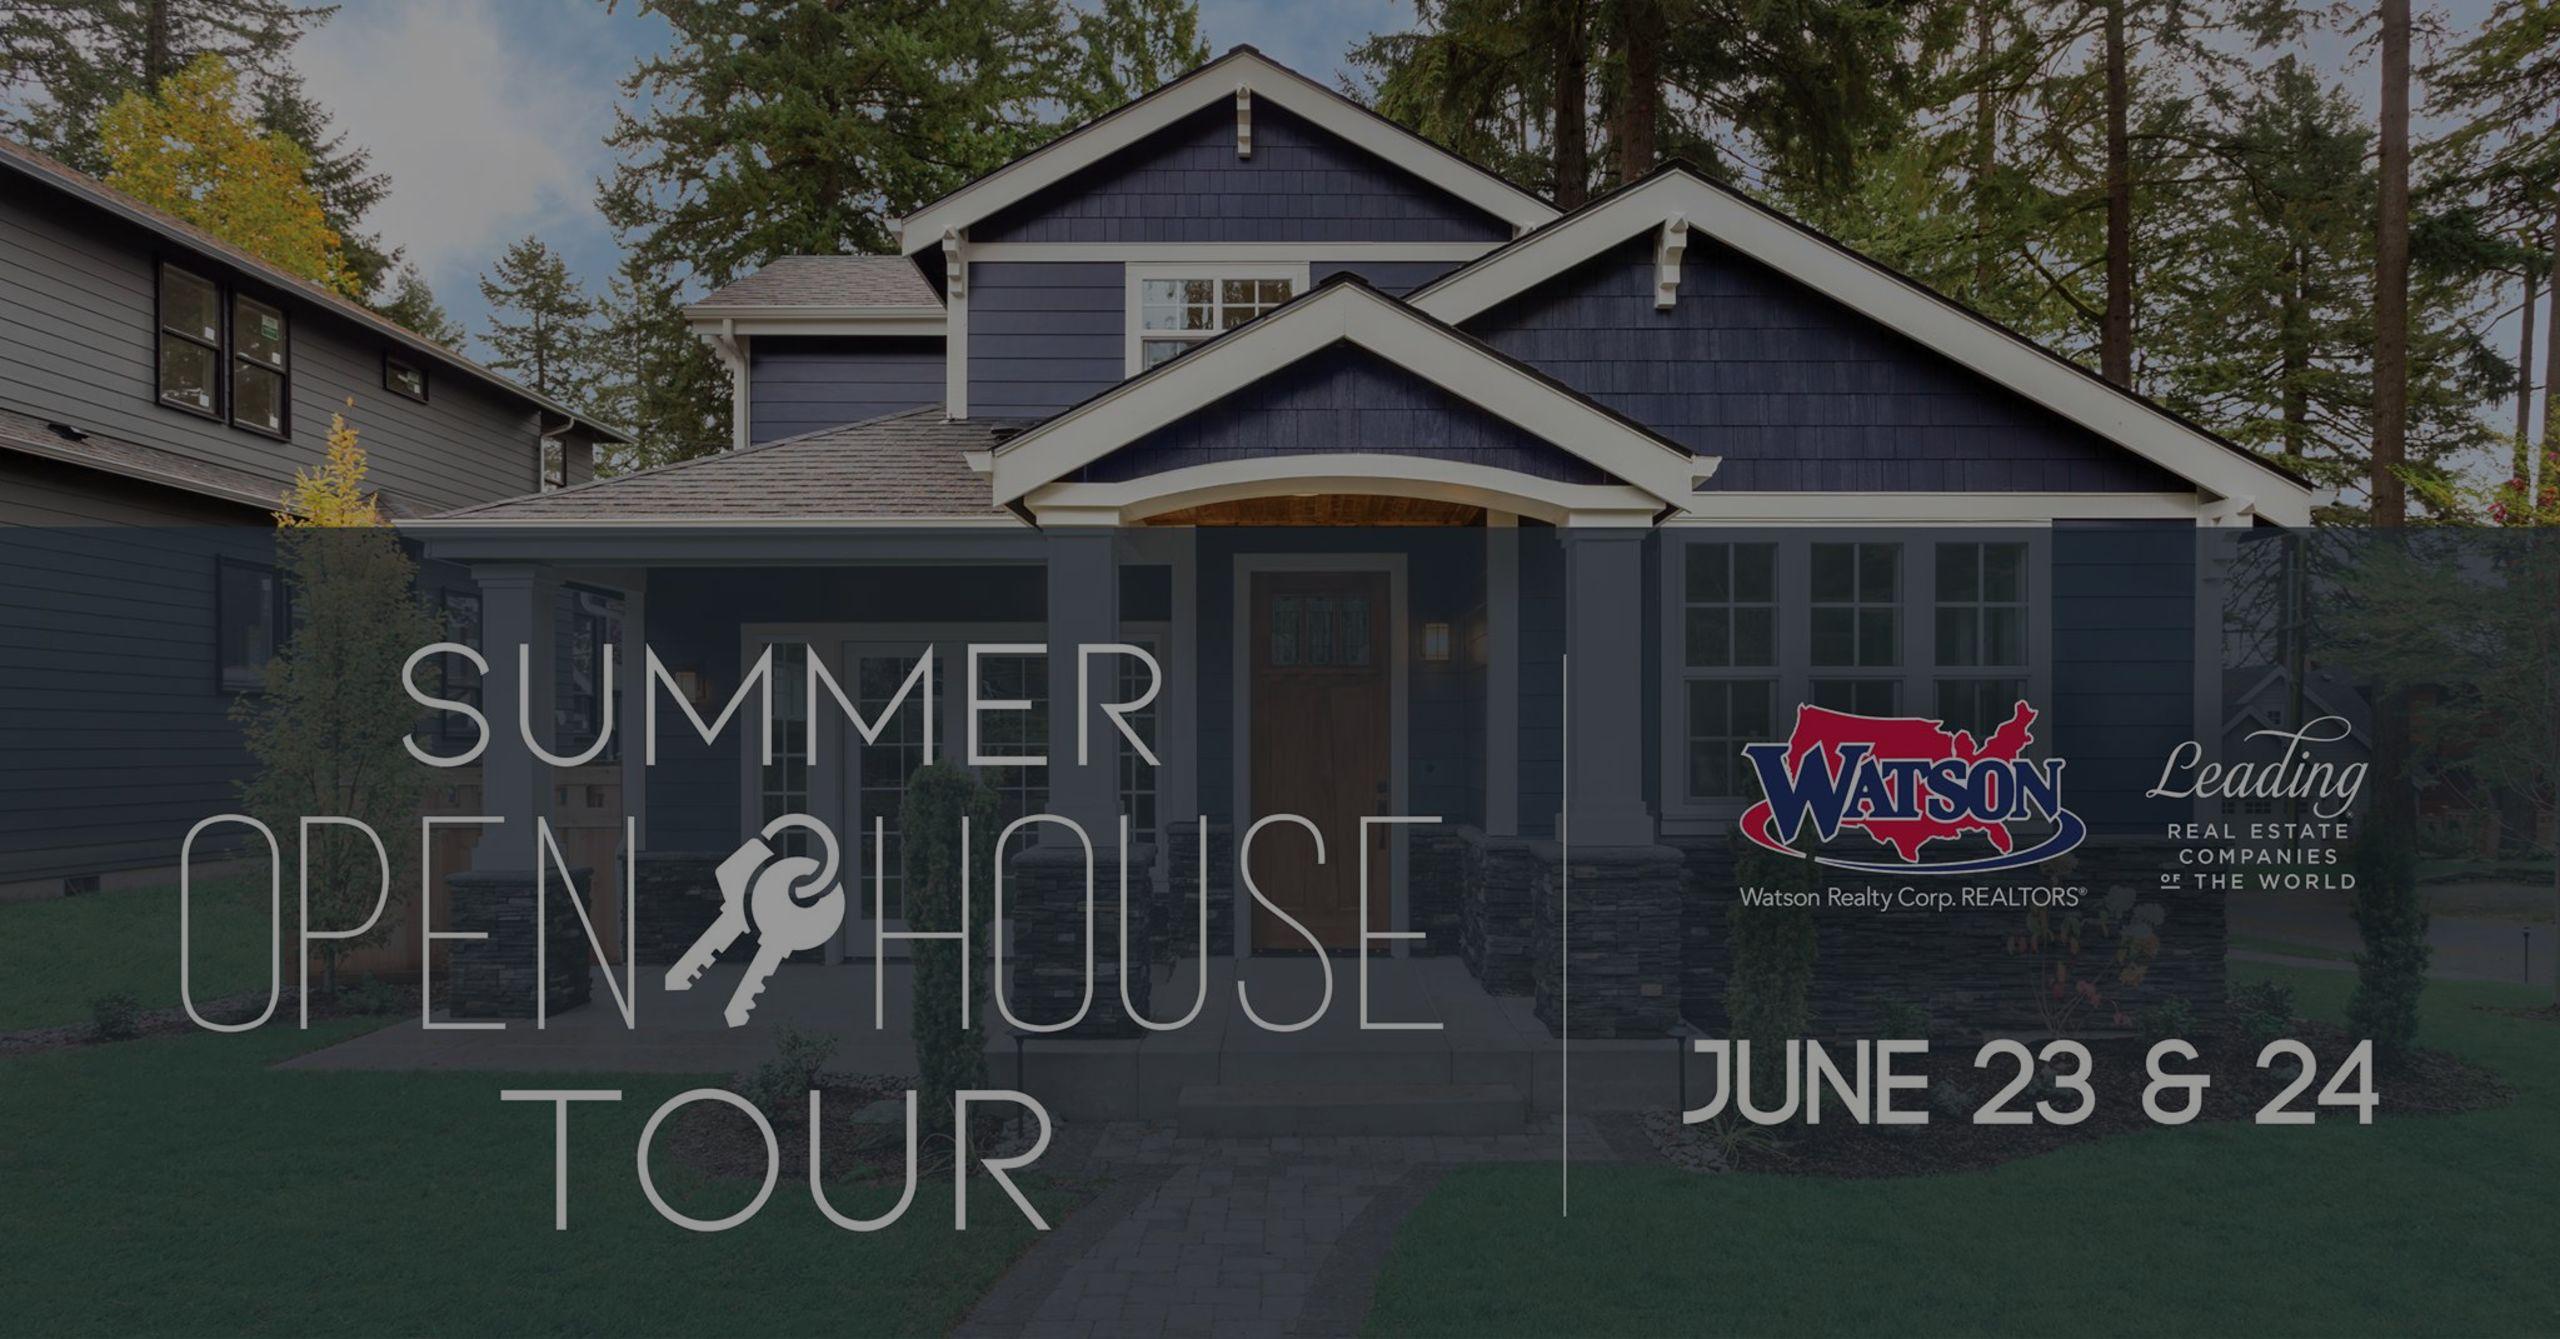 Summer Open House Tour!